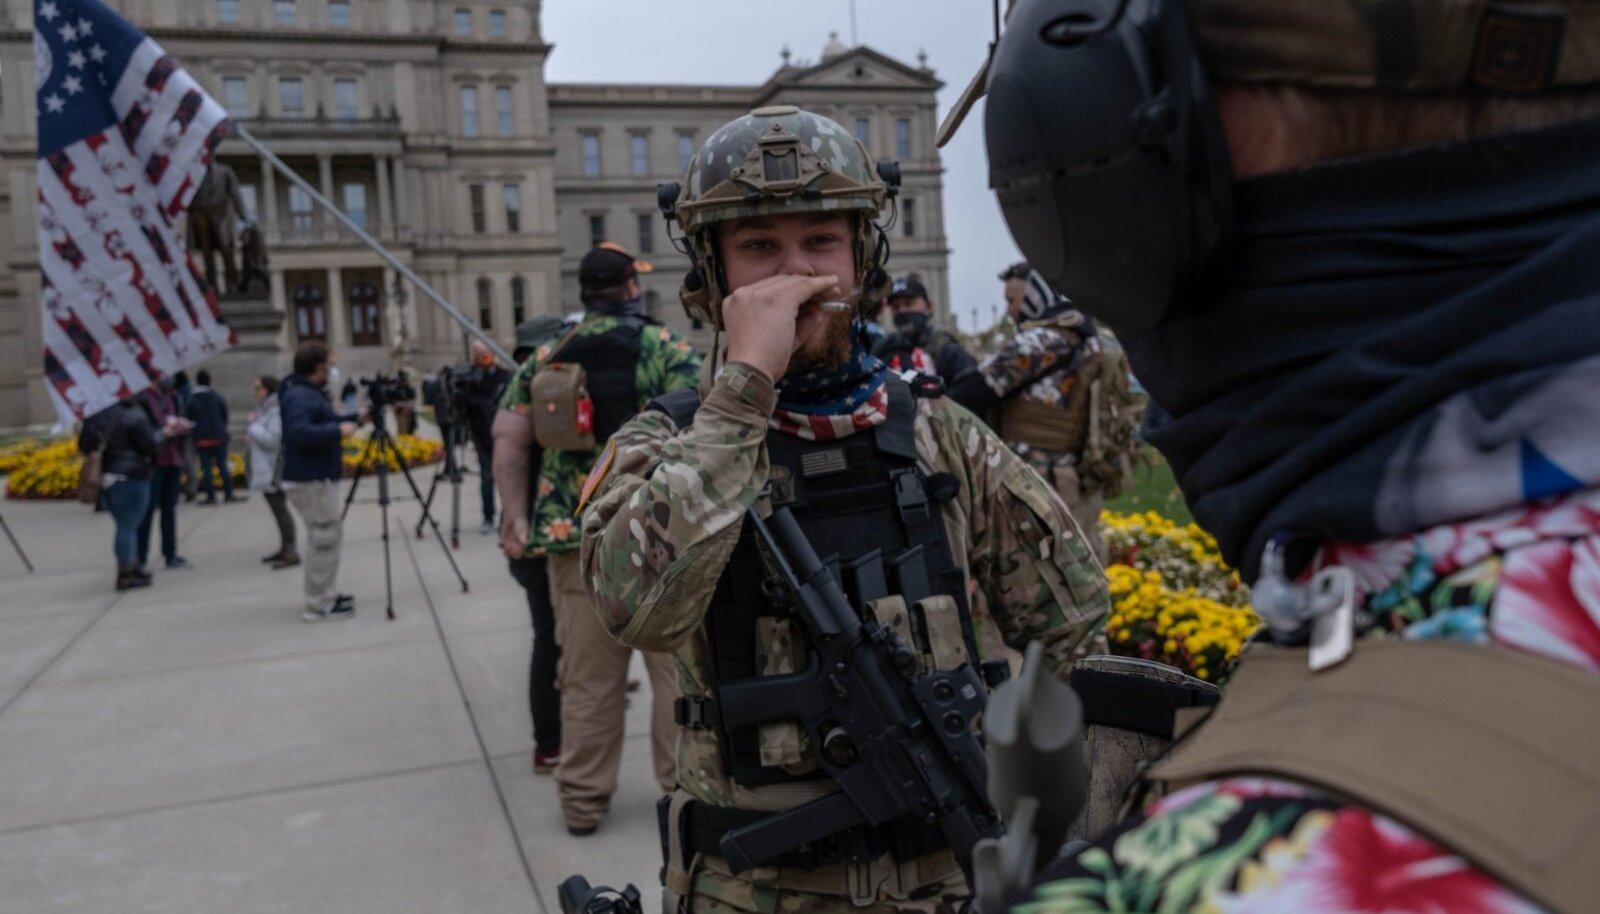 Trumpi toetavad relvarühmitused (pildil oktoobris Michigani esinduskogu ees) on lubanud jaoskondi väidetavate võltsingute eest kaitsta.